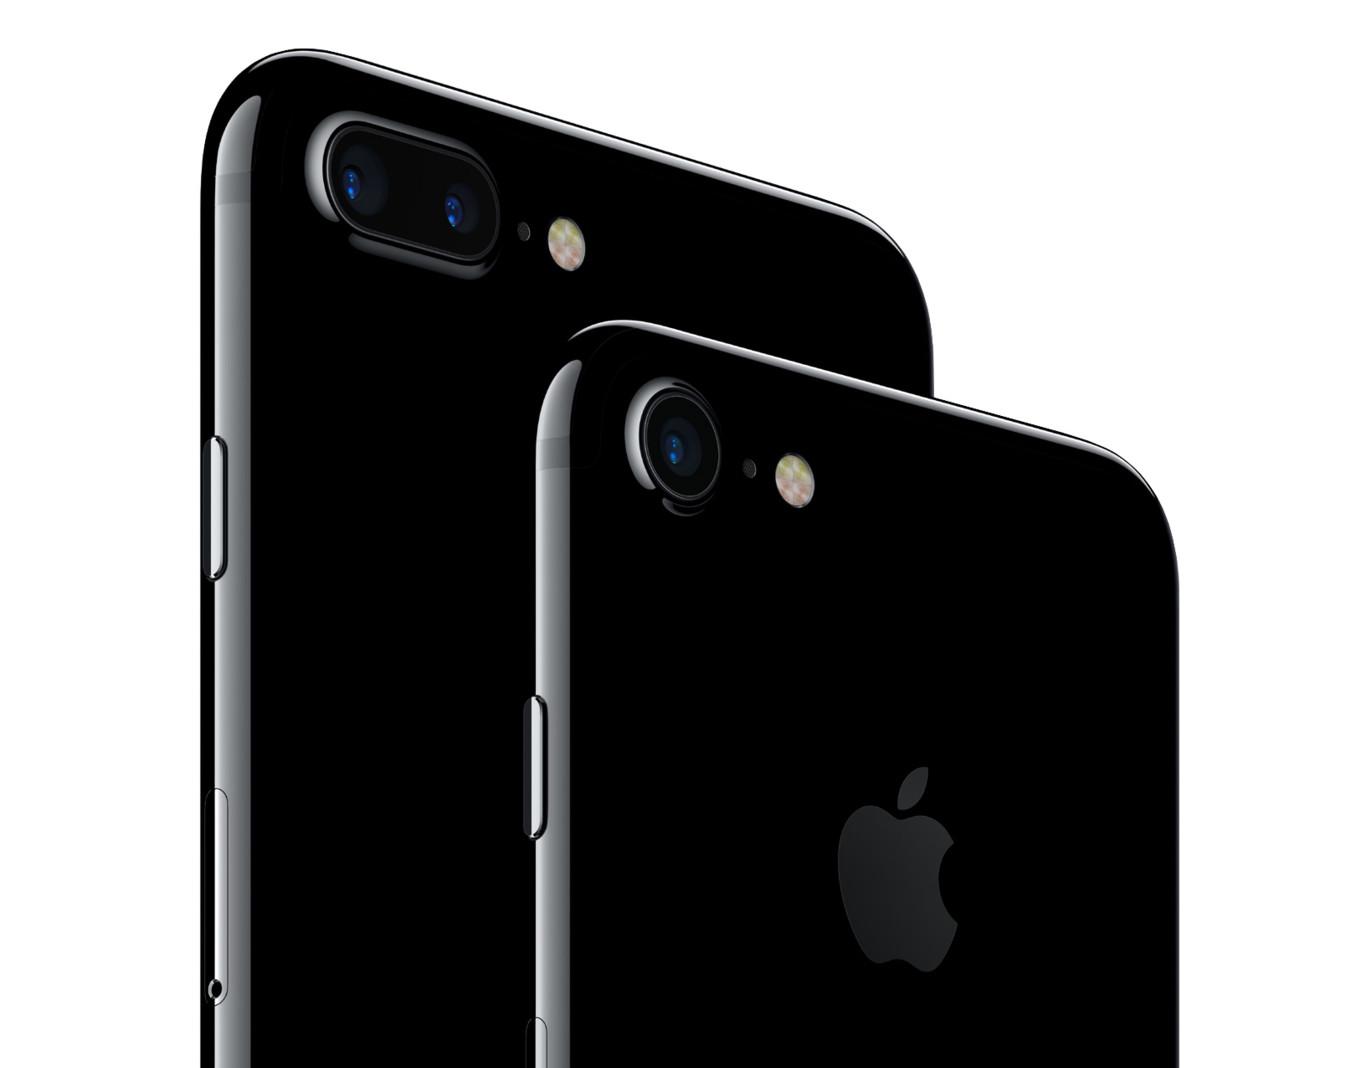 iPhone 7: resistente al agua, cámara mejorada y con altavoces estéreo